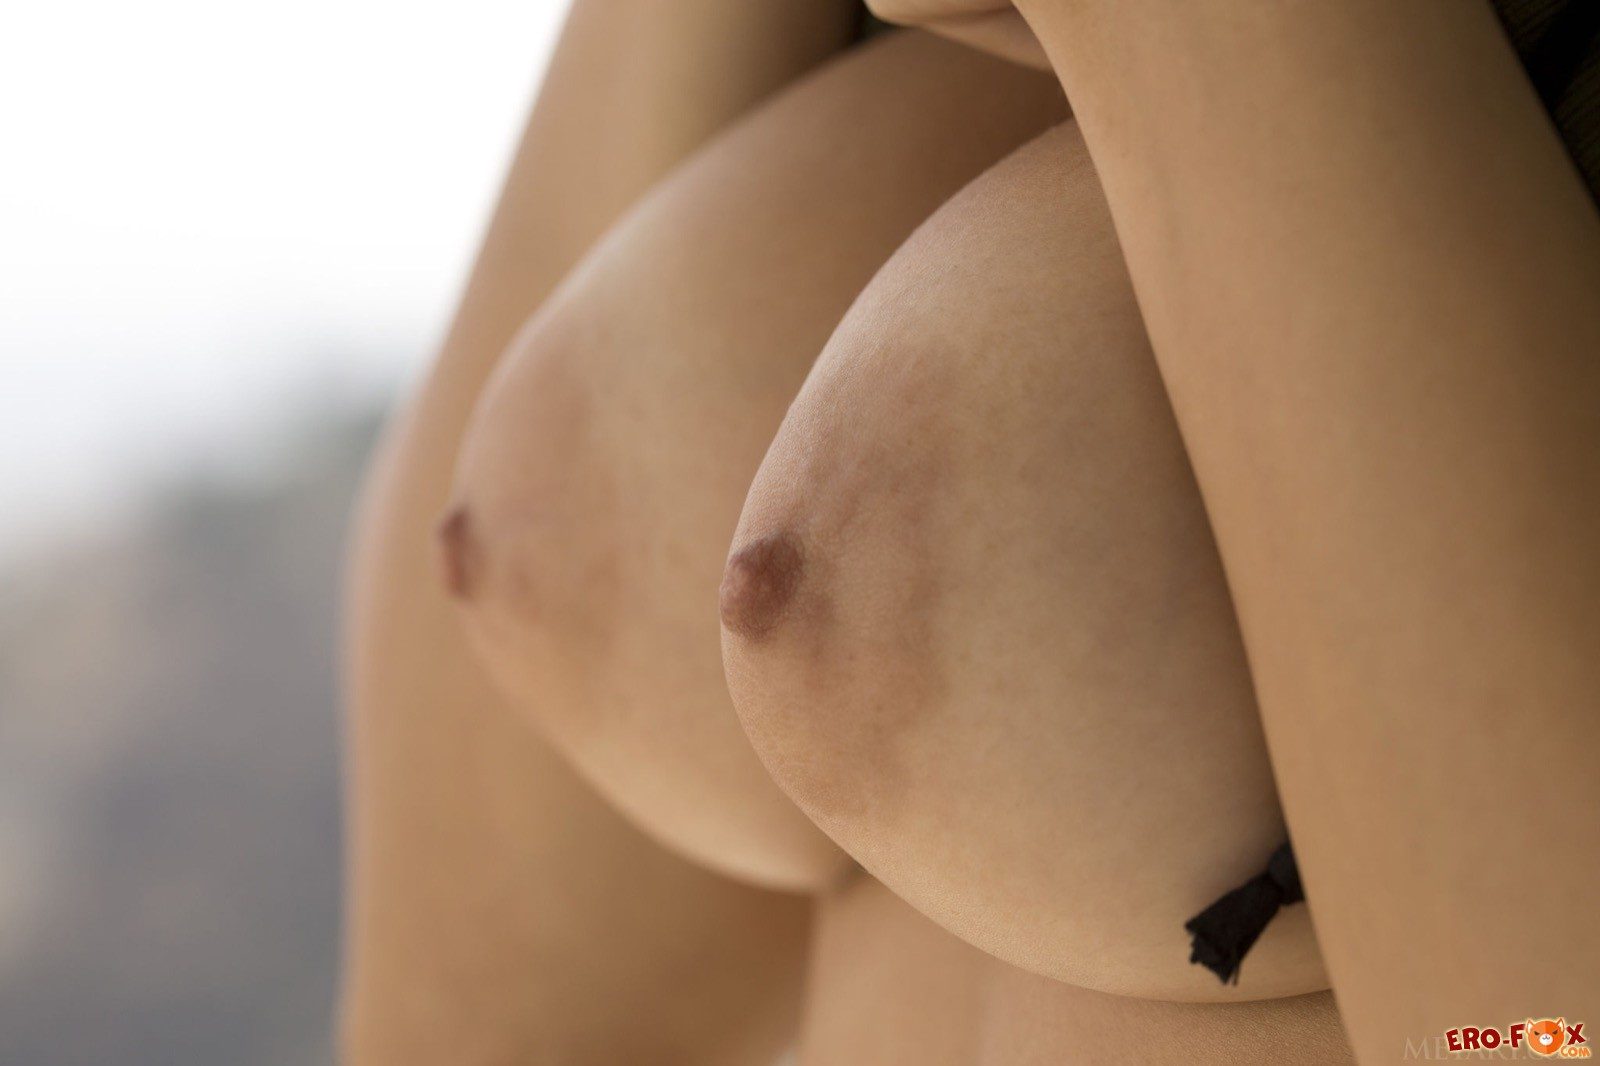 Сексуальная милашка без лифчика позирует в кафе